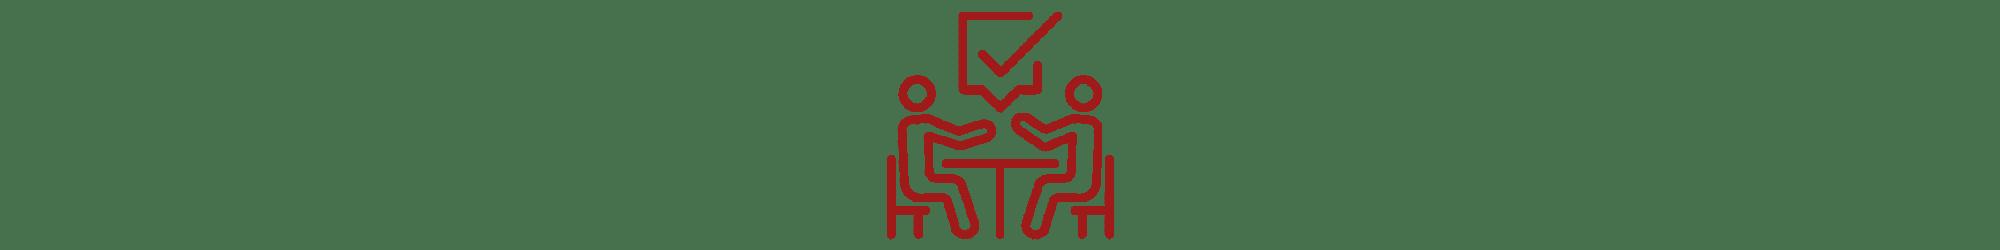 Handeln im Sinner der Kunden_Zeichenfläche 1